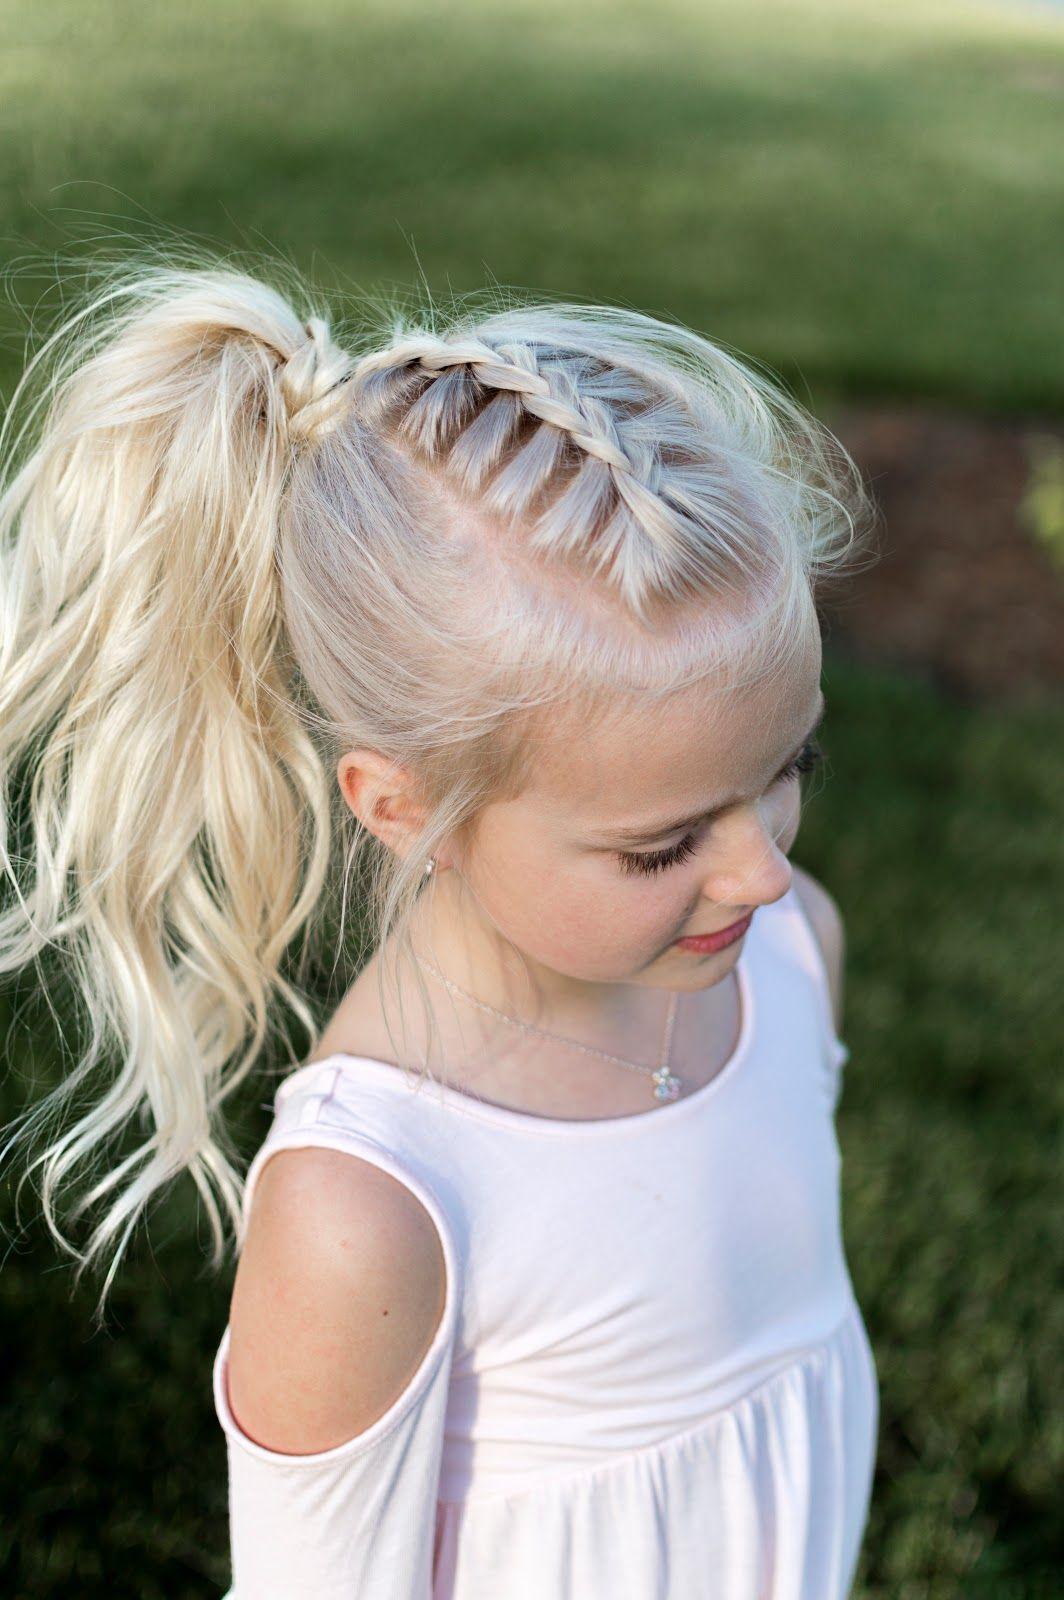 Kiểu tóc cho bé gái đẹp nhất